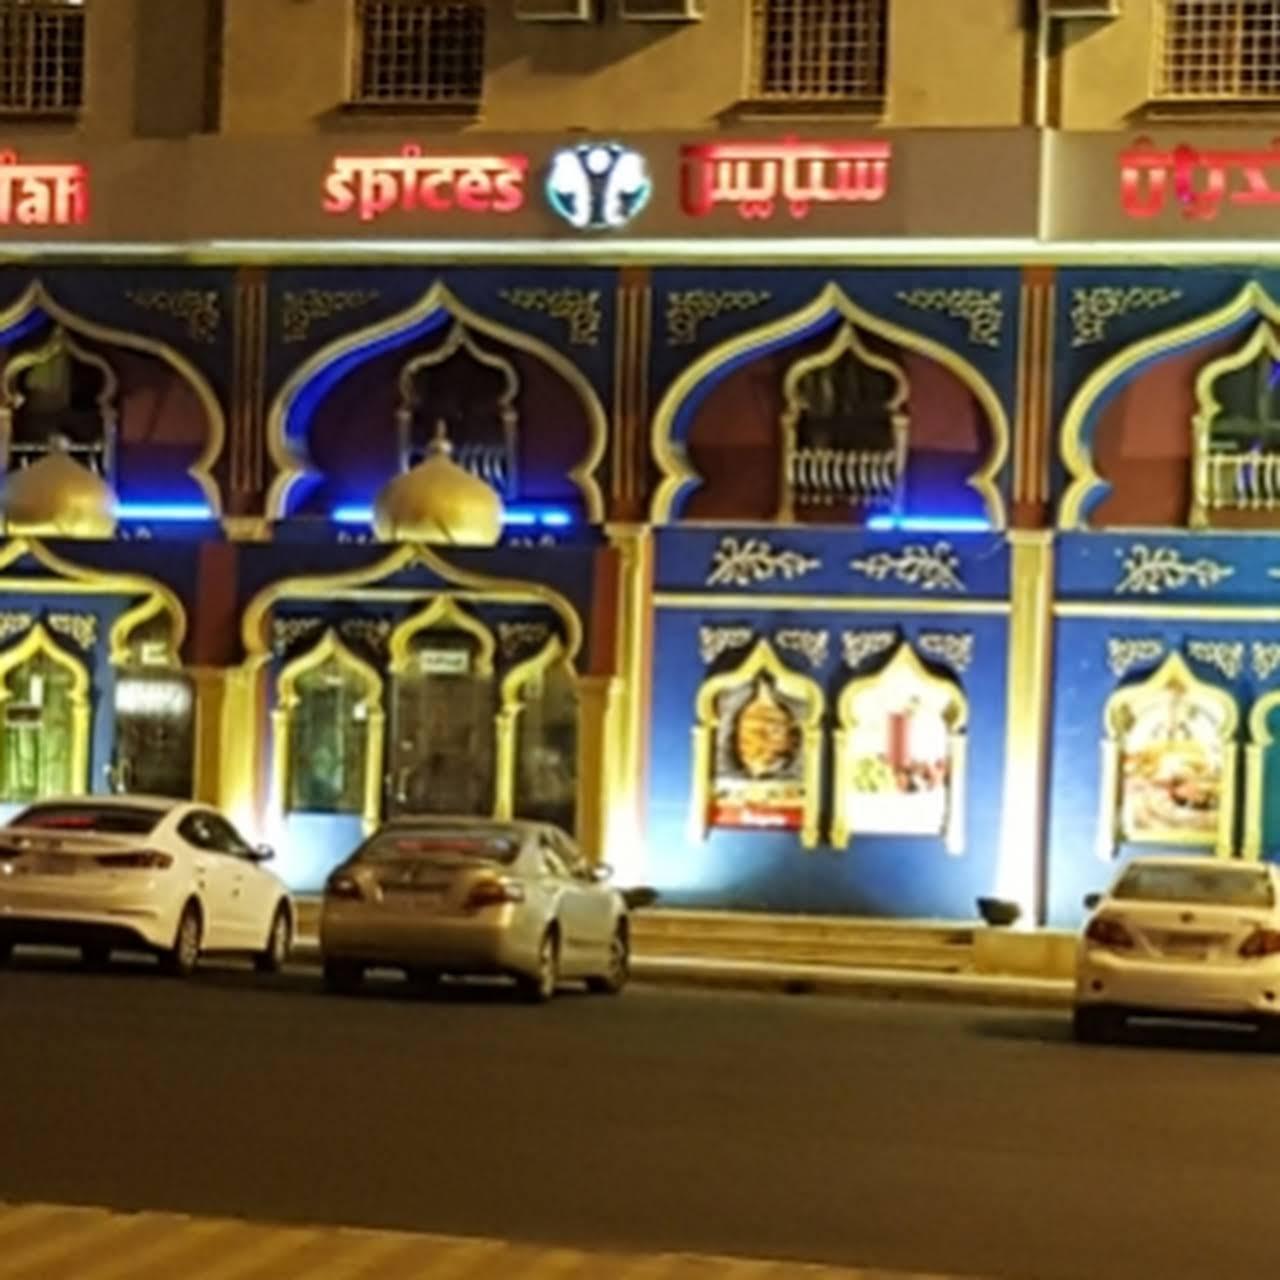 انديان سبايس البهارات الهندية مطعم مأكولات هندية في أبها